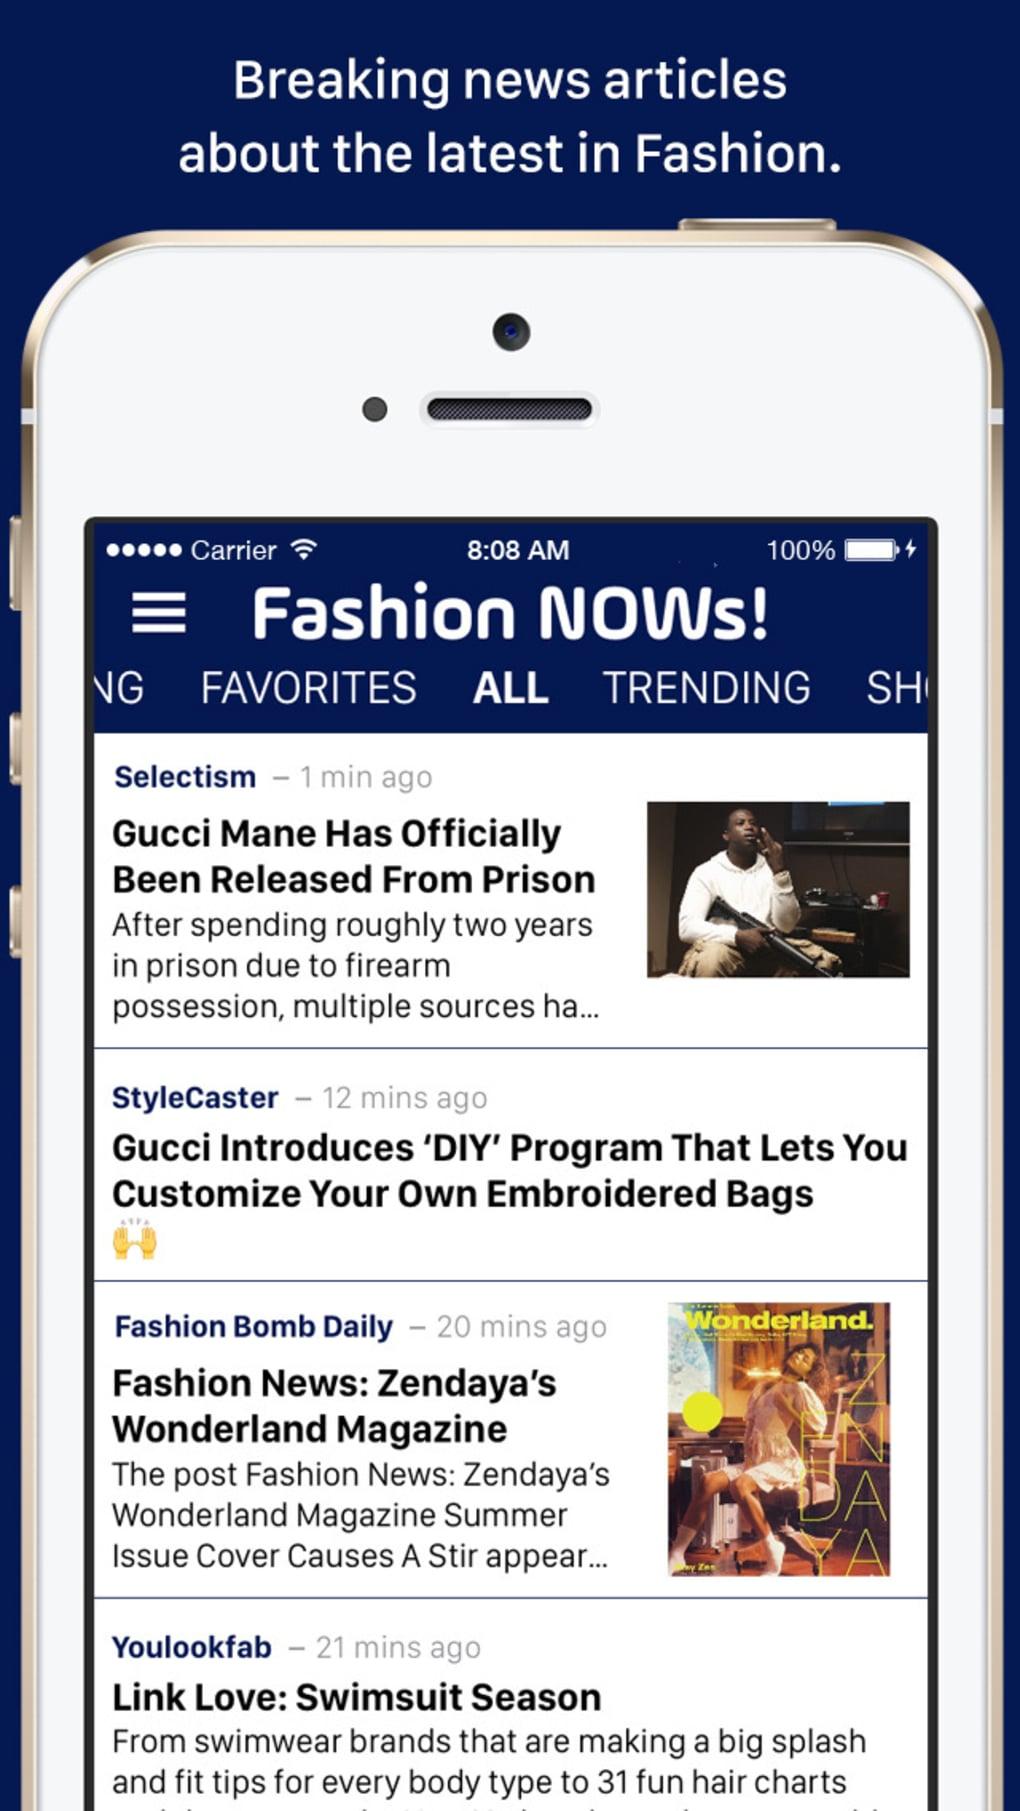 Fashion NOWs!